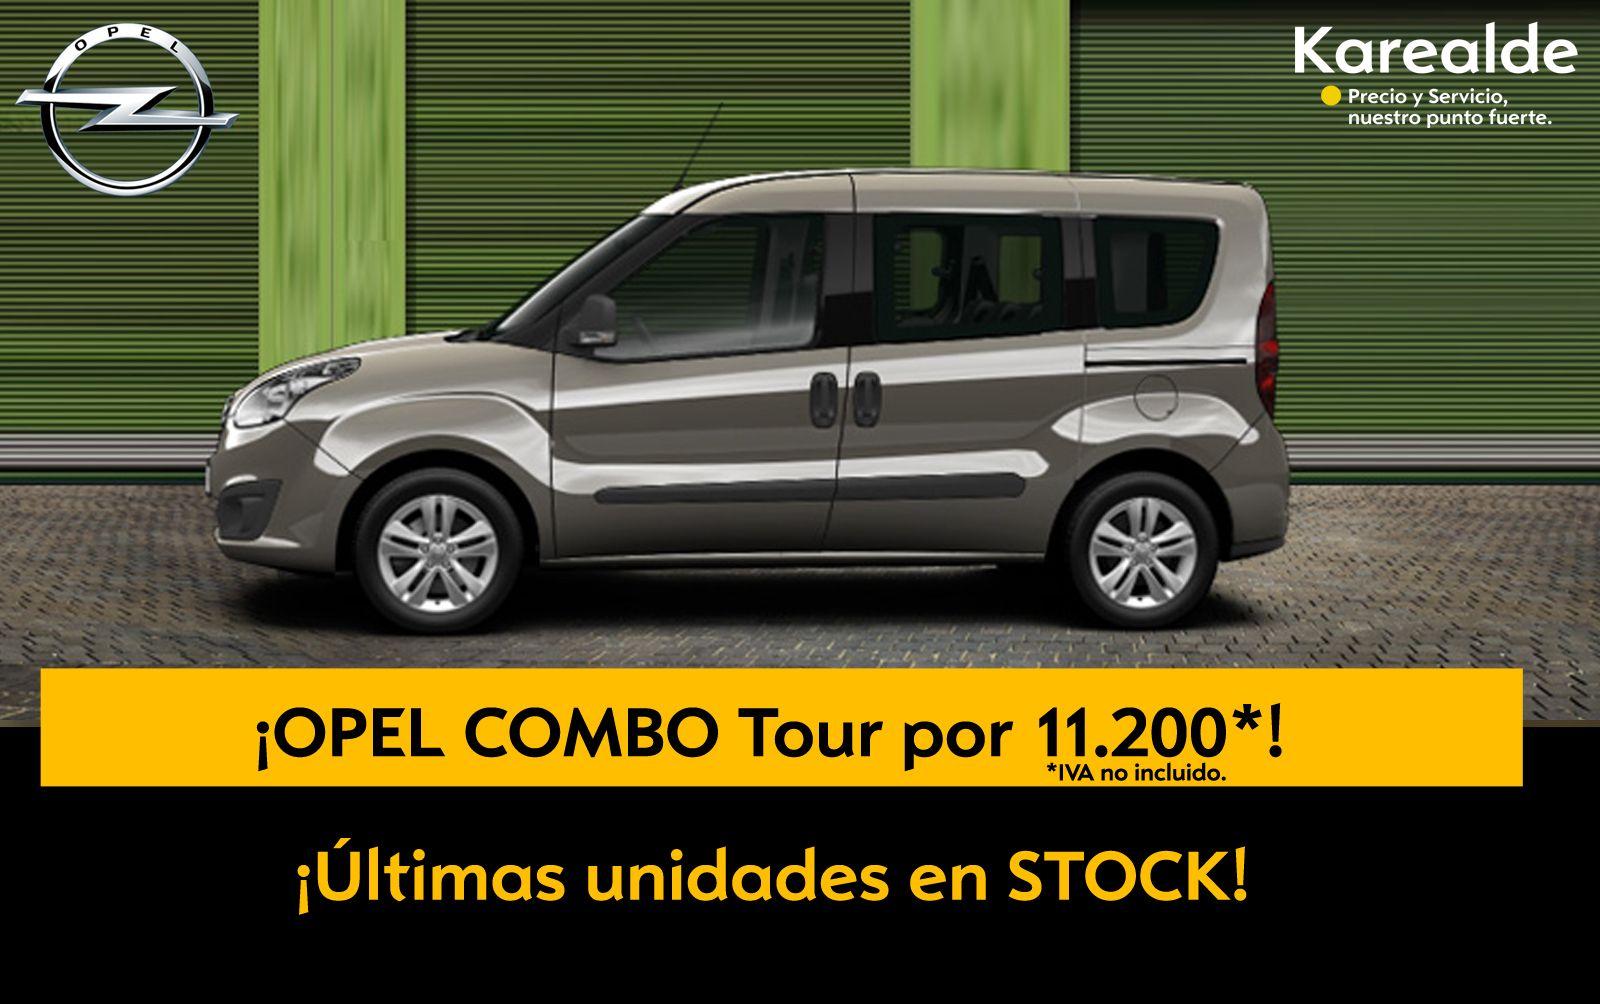 Opel COMBO Tour ¡Últimas unidades en stock!